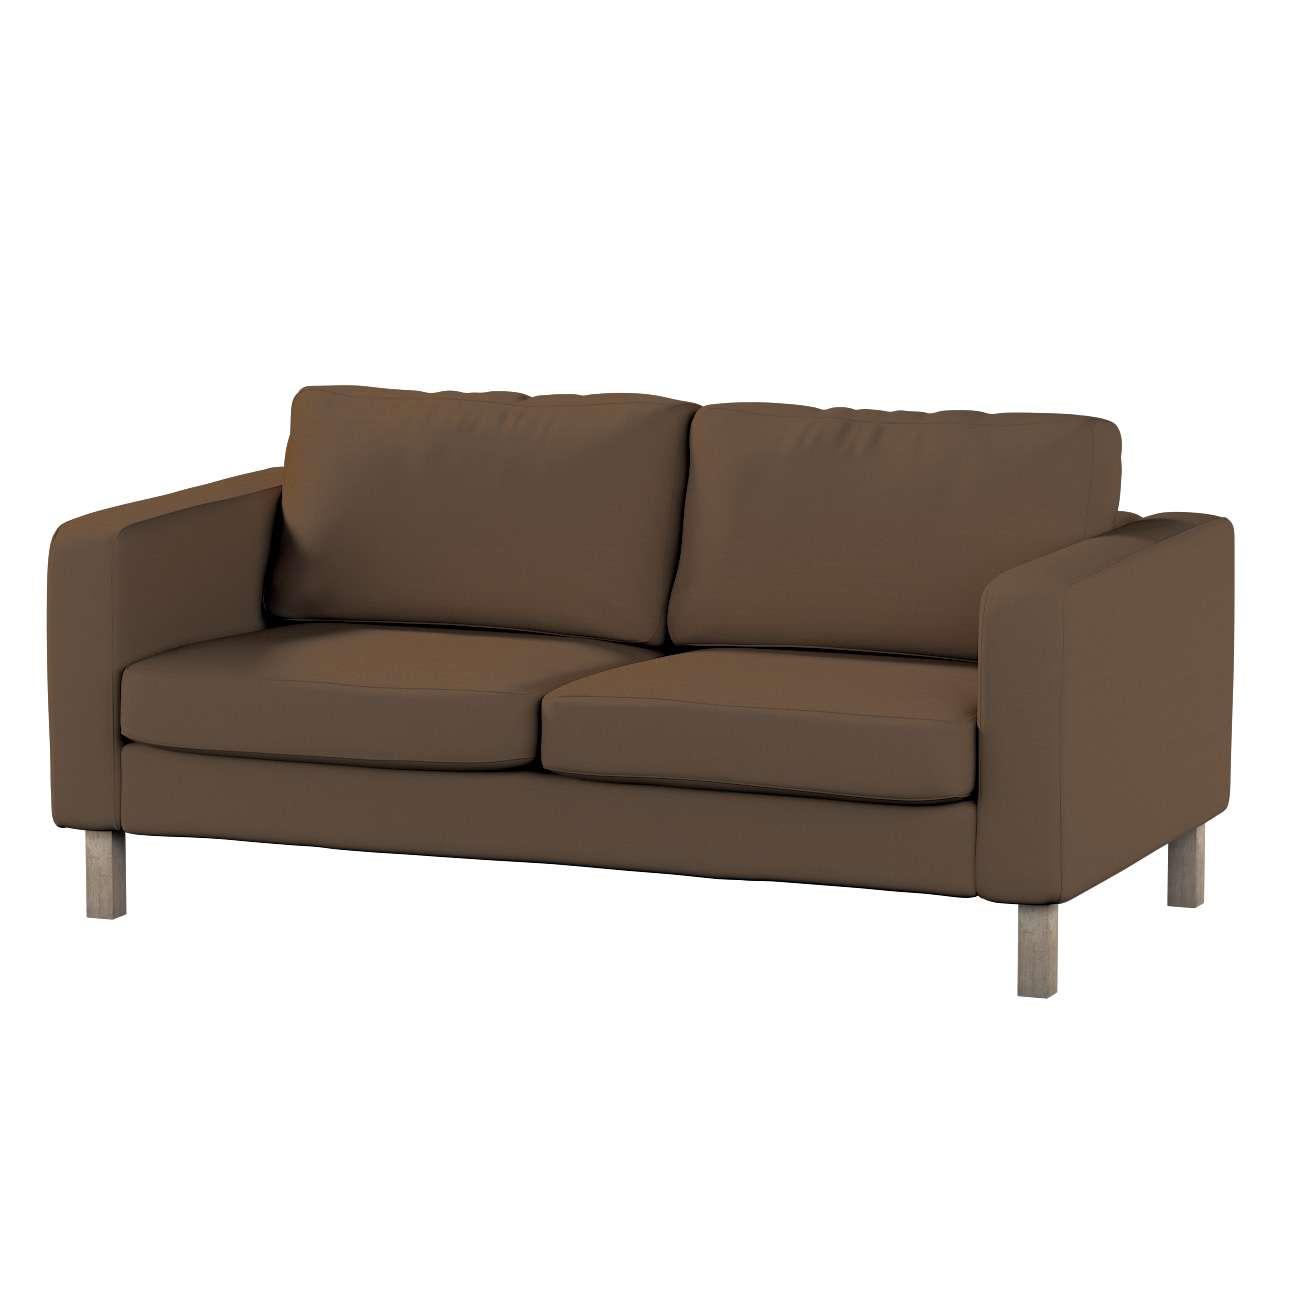 KARSLTAD dvivietės sofos užvalkalas kolekcijoje Cotton Panama, audinys: 702-02